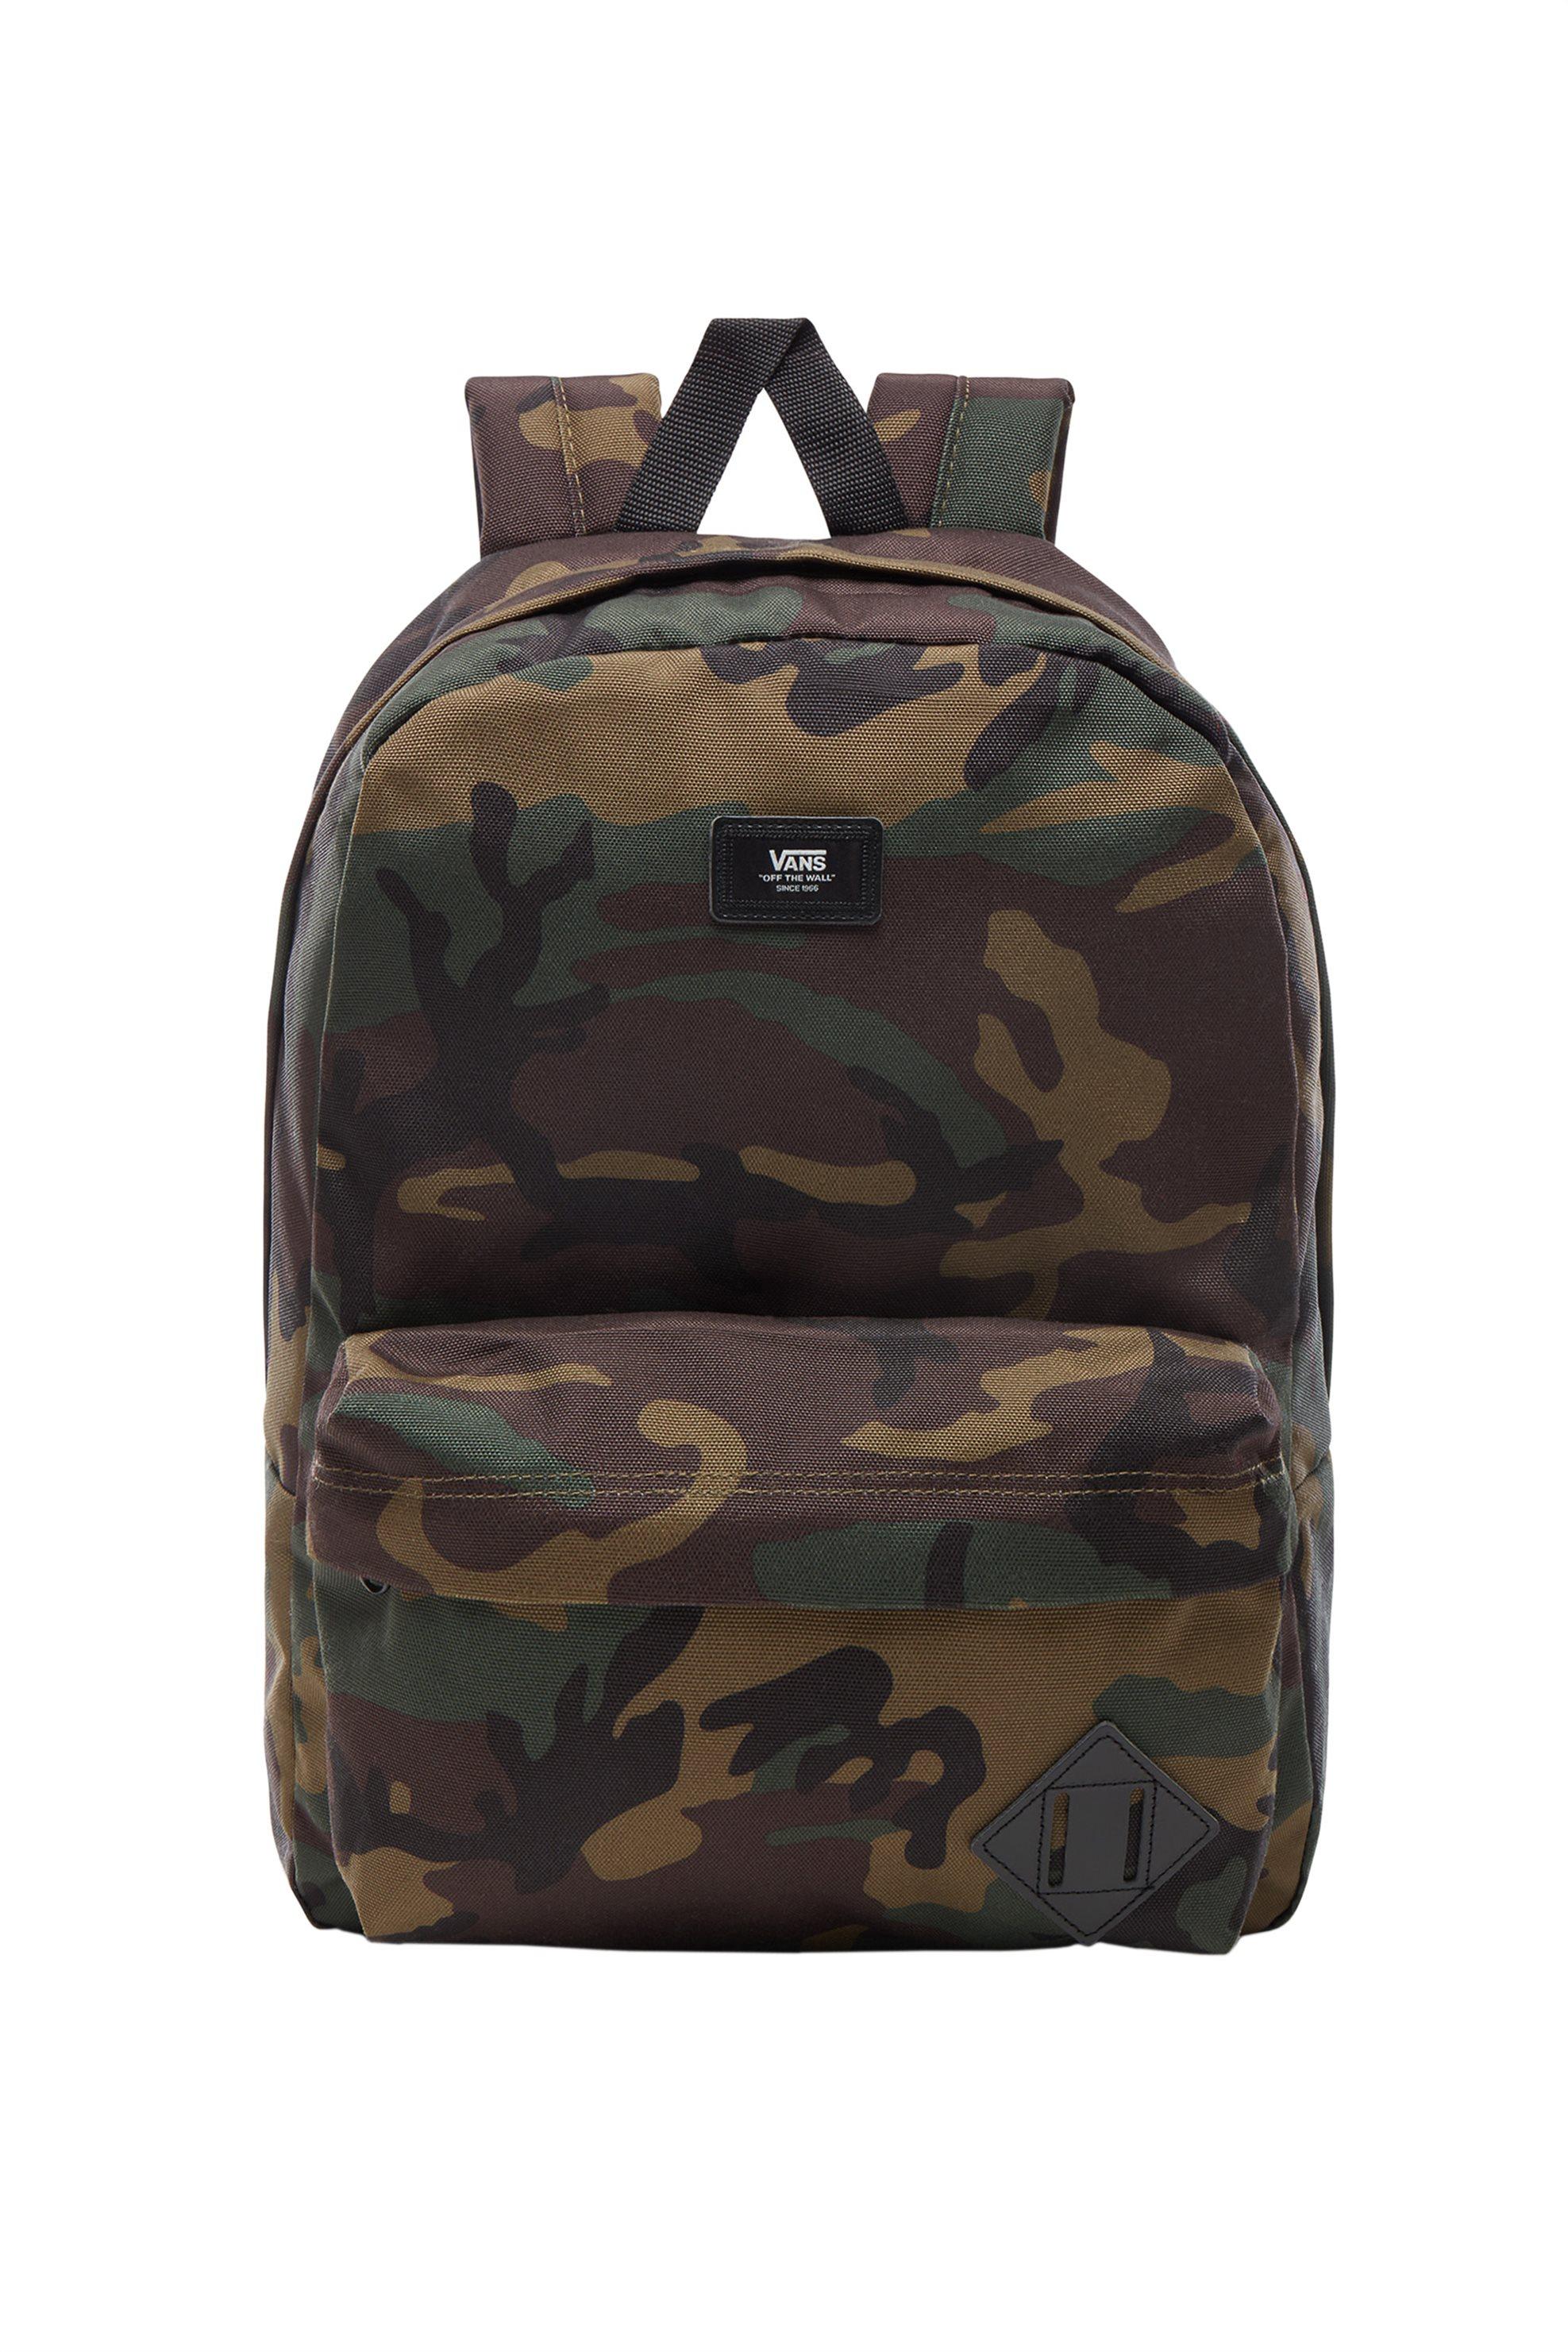 ca28d62b105 Vans ανδρικό backpack Old Skool σε σχέδιο παραλλαγής - VN000ONIJ2R1 - Χακί